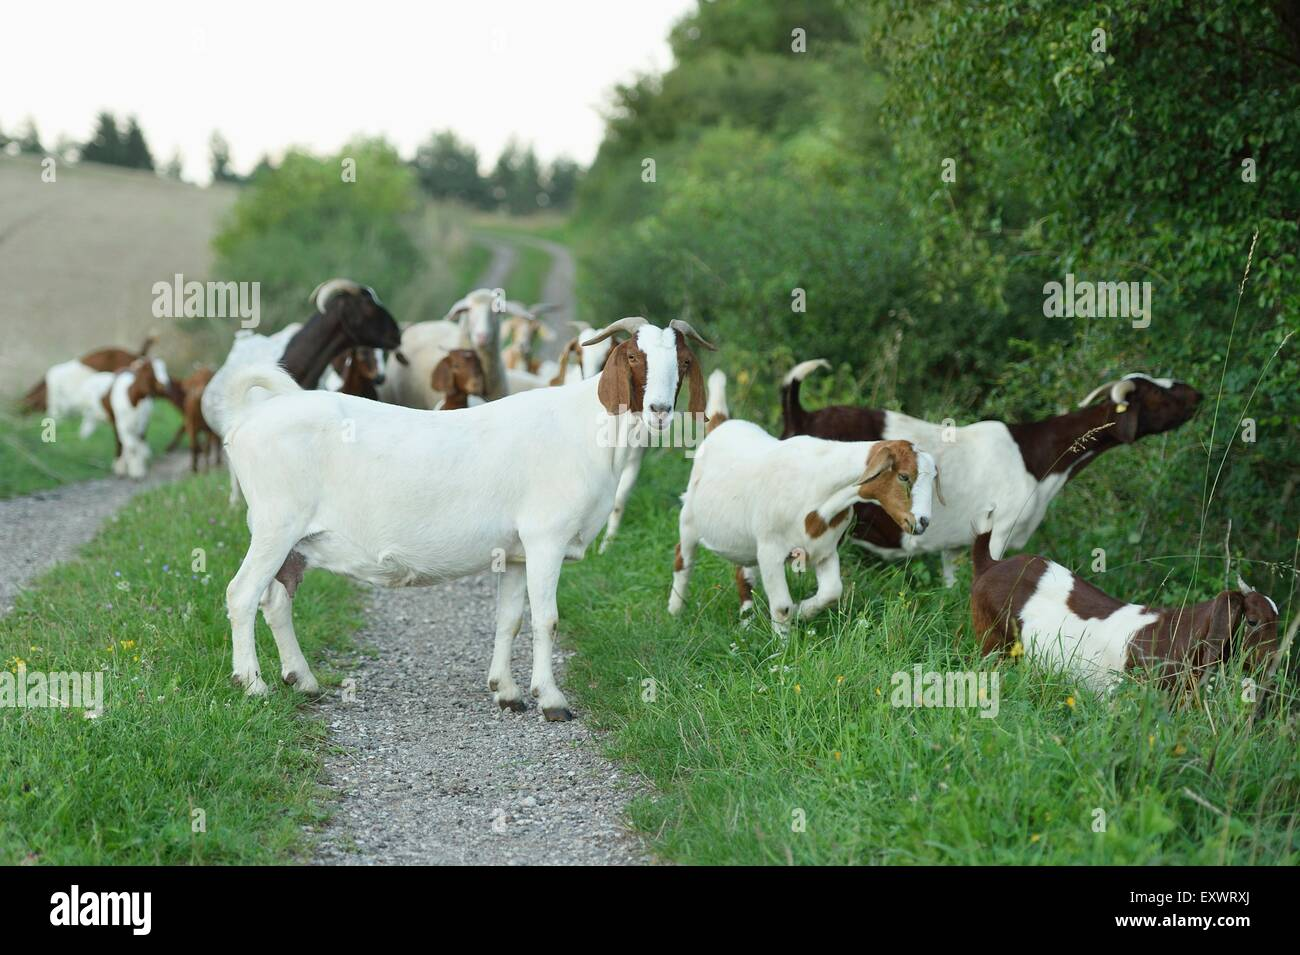 Gruppe von Boer Ziegen und sie Eps, Oberpfalz, Bayern, Deutschland, Europa Stockbild